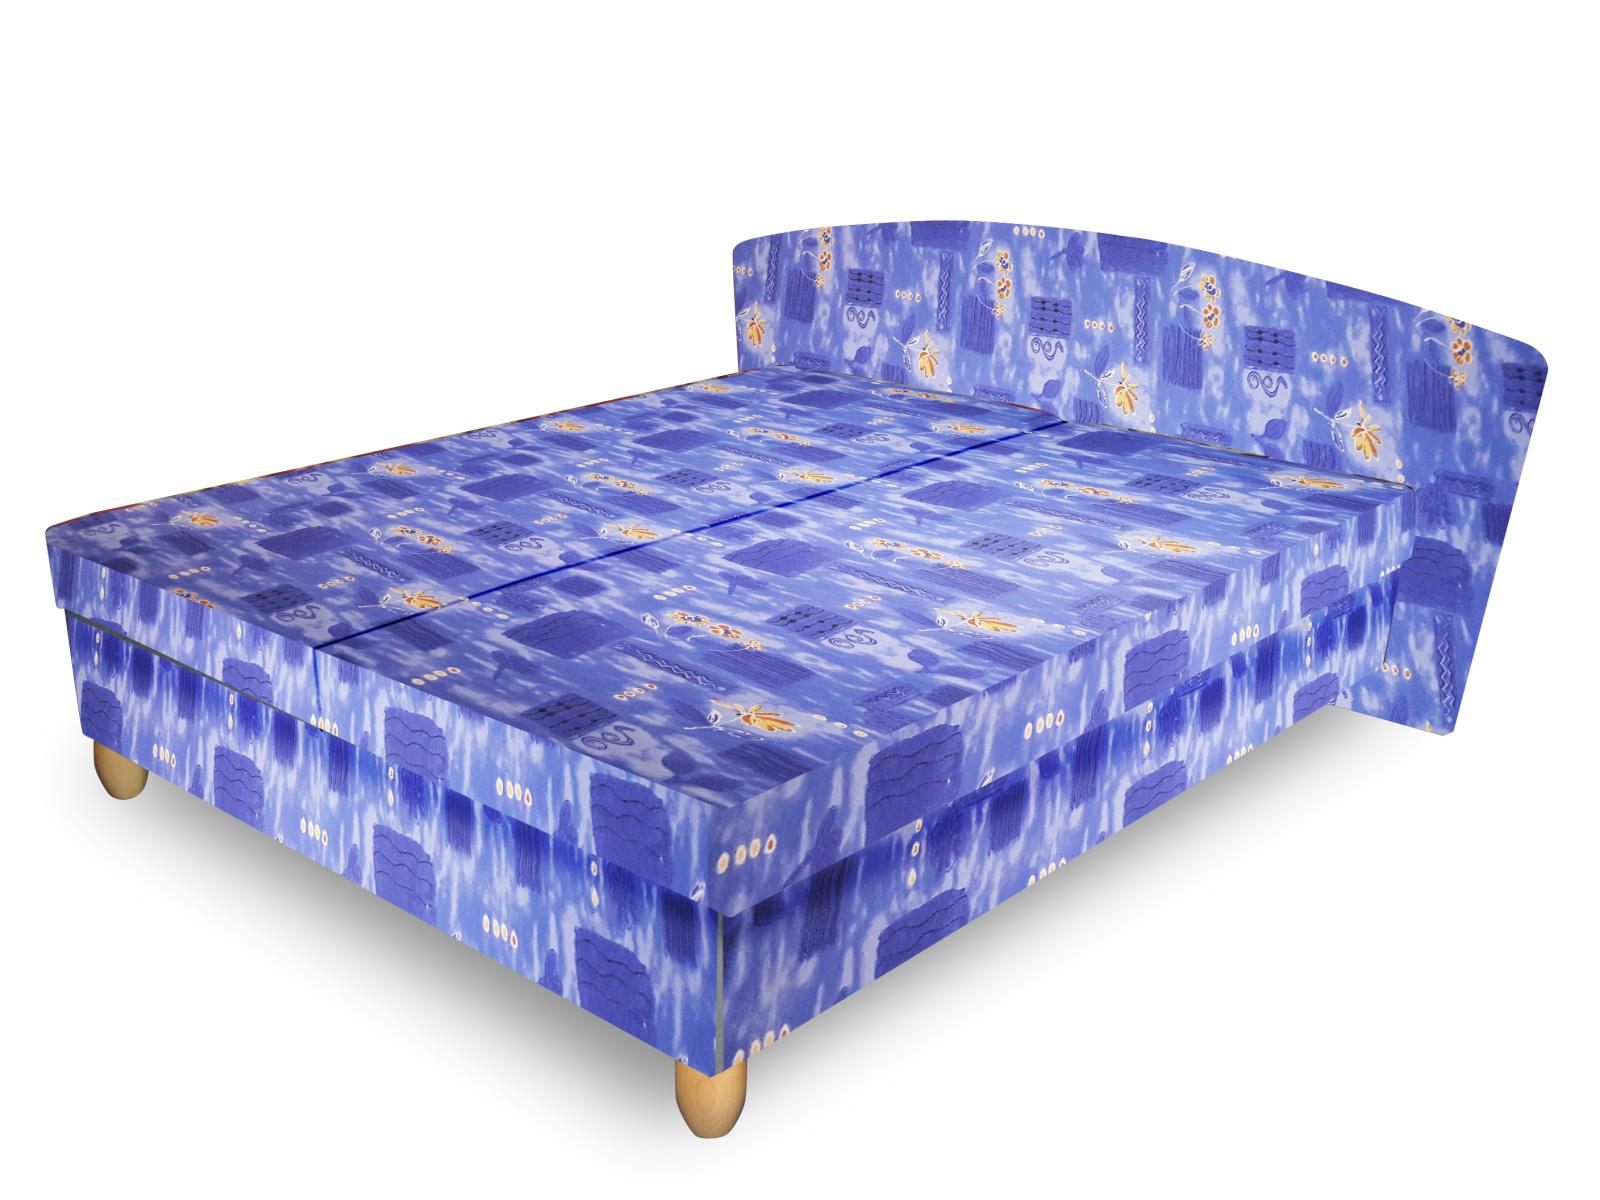 Smartshop Čalouněná postel NICOL 120x200 cm, modrá látka